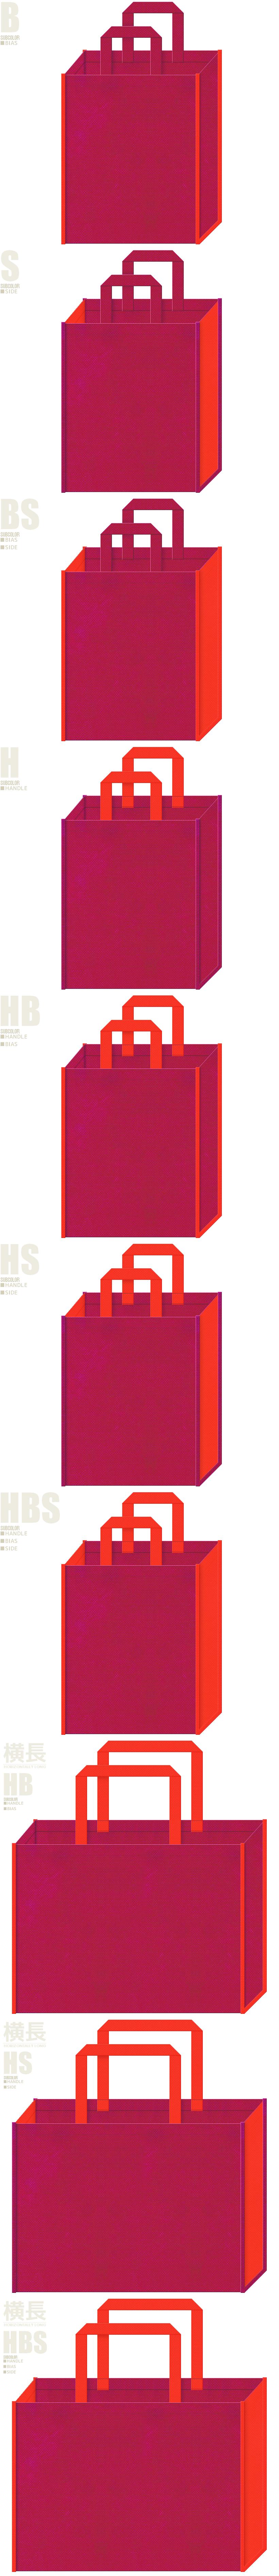 フルーツ・カクテル・トロピカル・南国リゾート・トラベルバッグにお奨めの不織布バッグデザイン:濃いピンク色とオレンジ色の配色7パターン